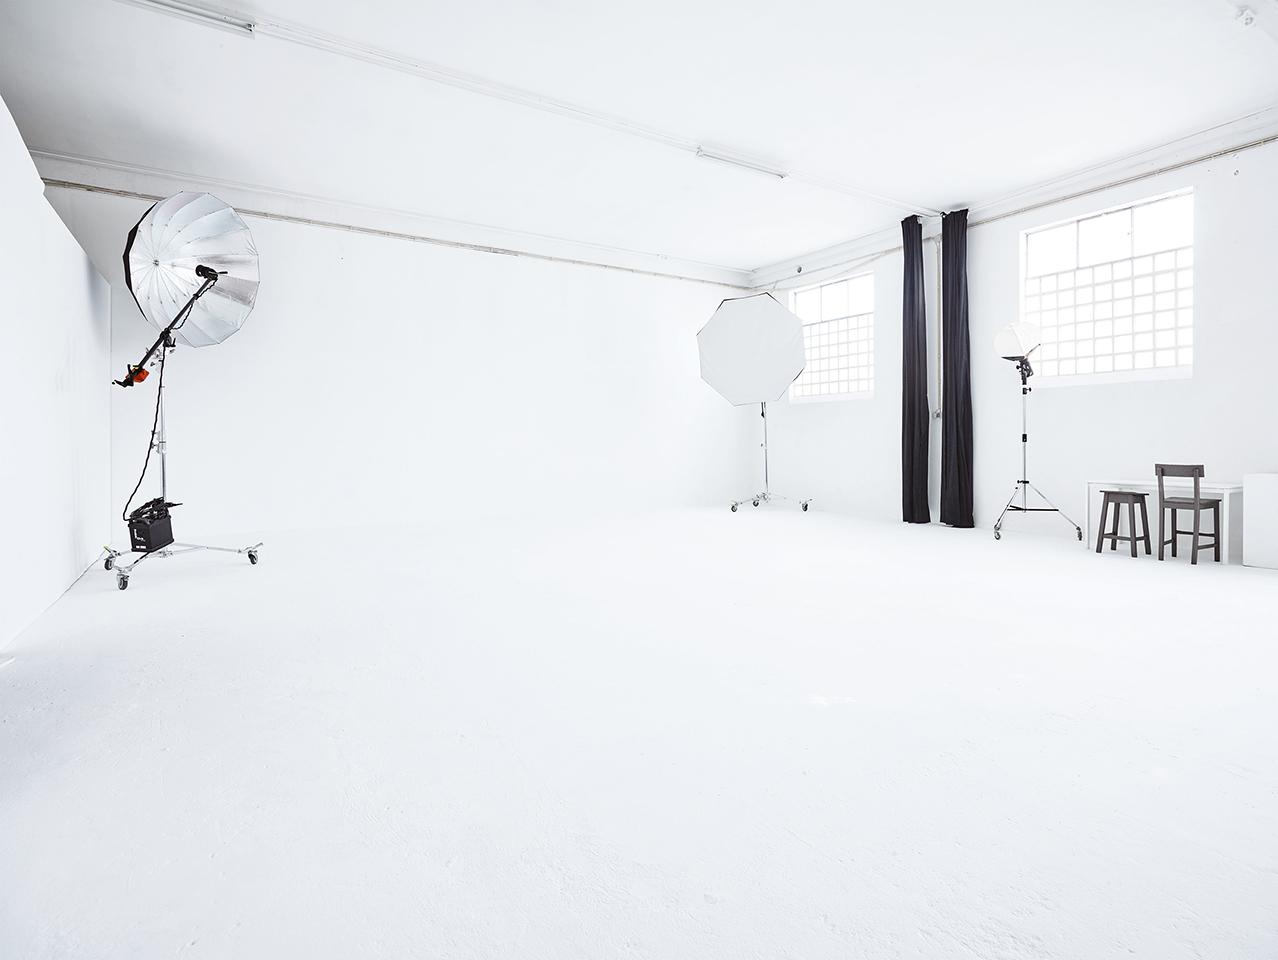 Studio_2019_Piso1_09